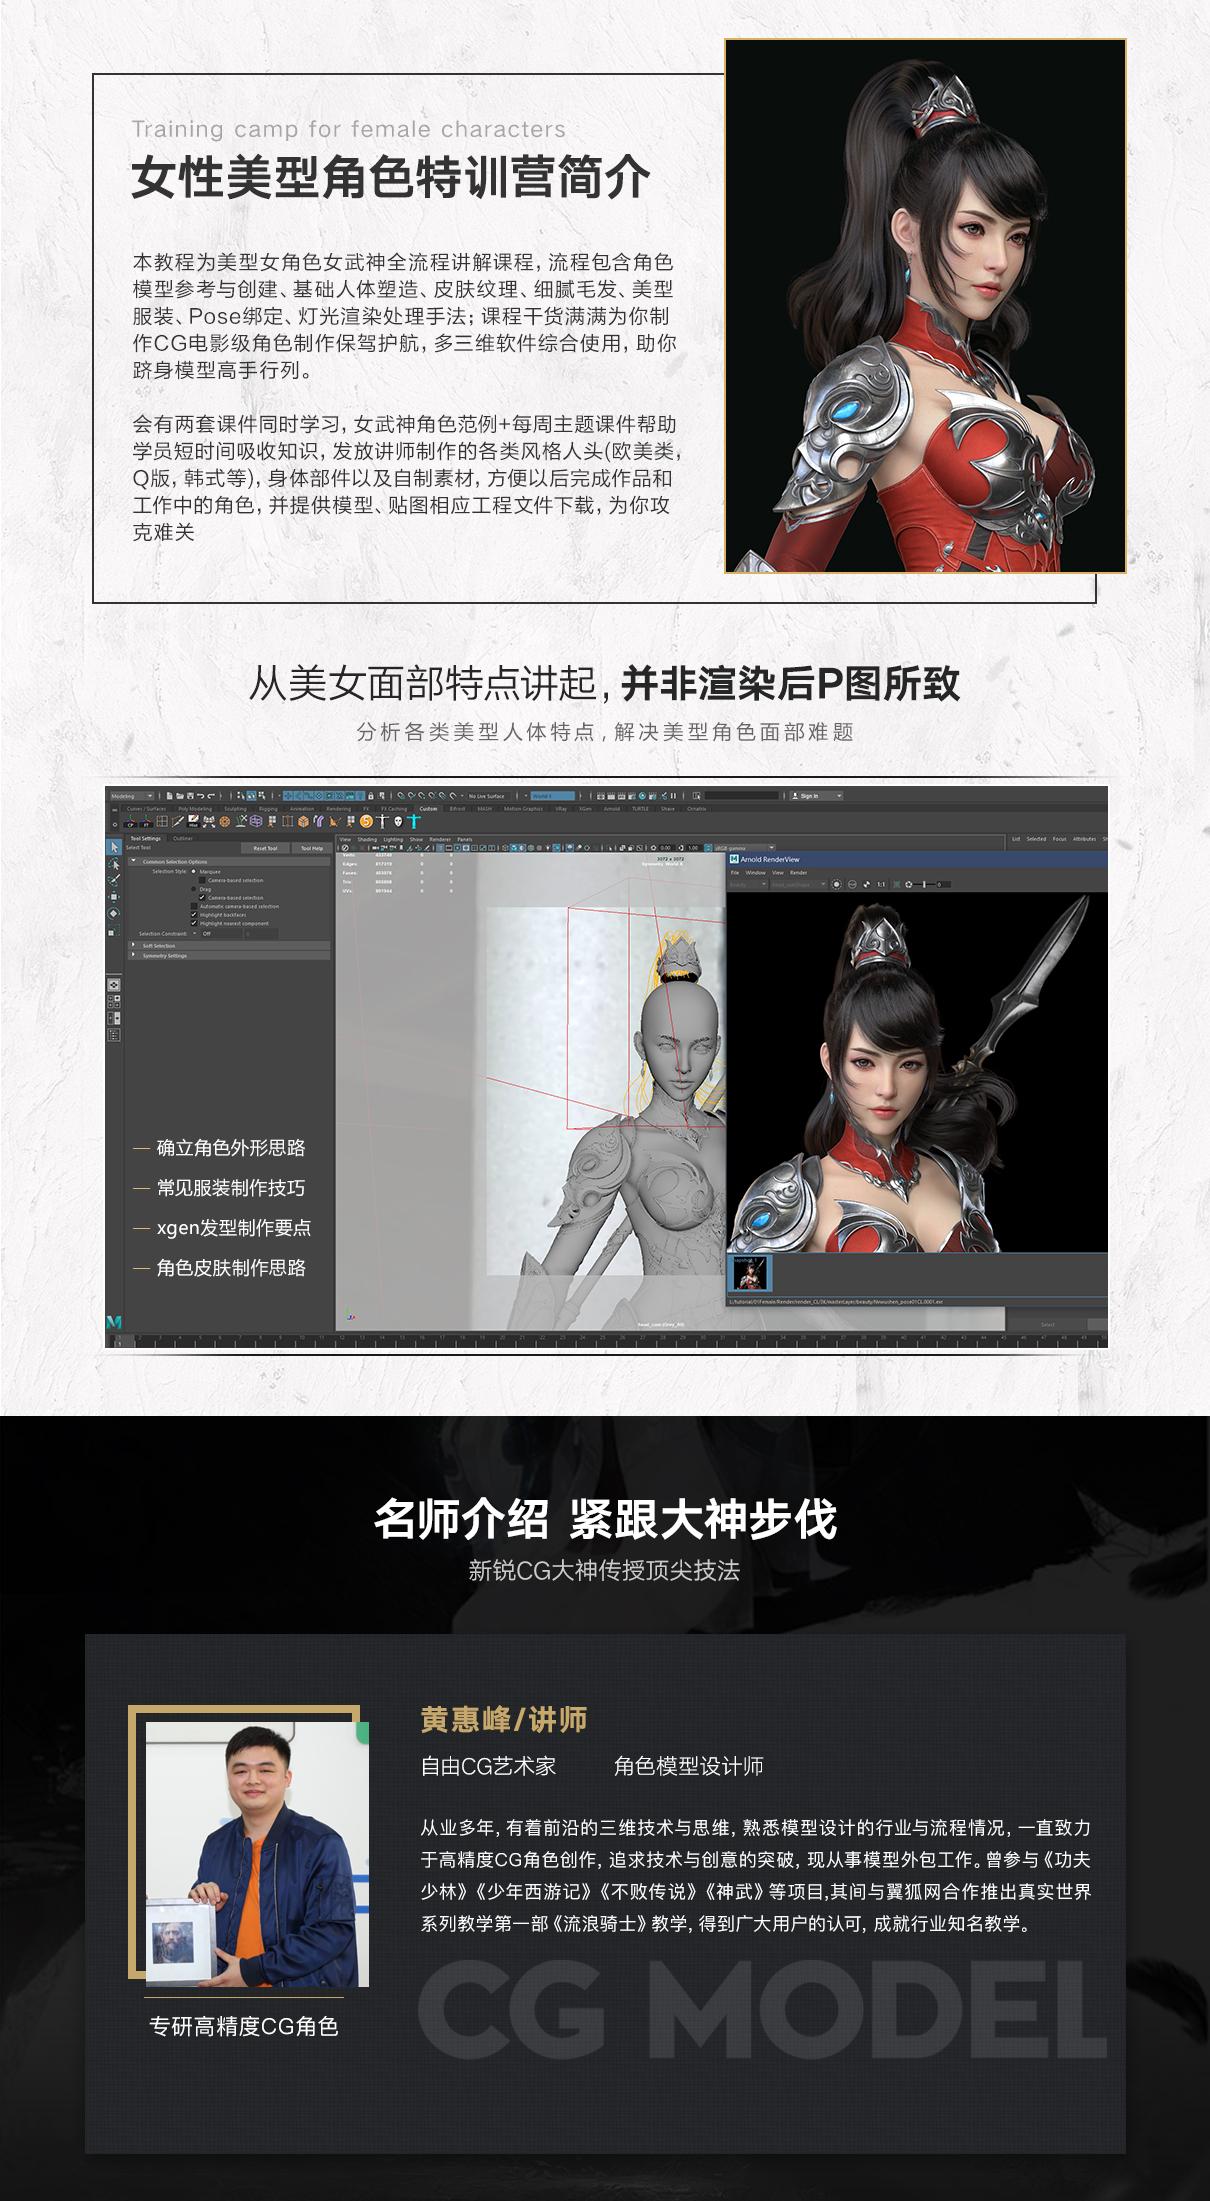 【要上线】CG新锐大神黄惠峰—女武神美型角色训练营【直播答疑】简介